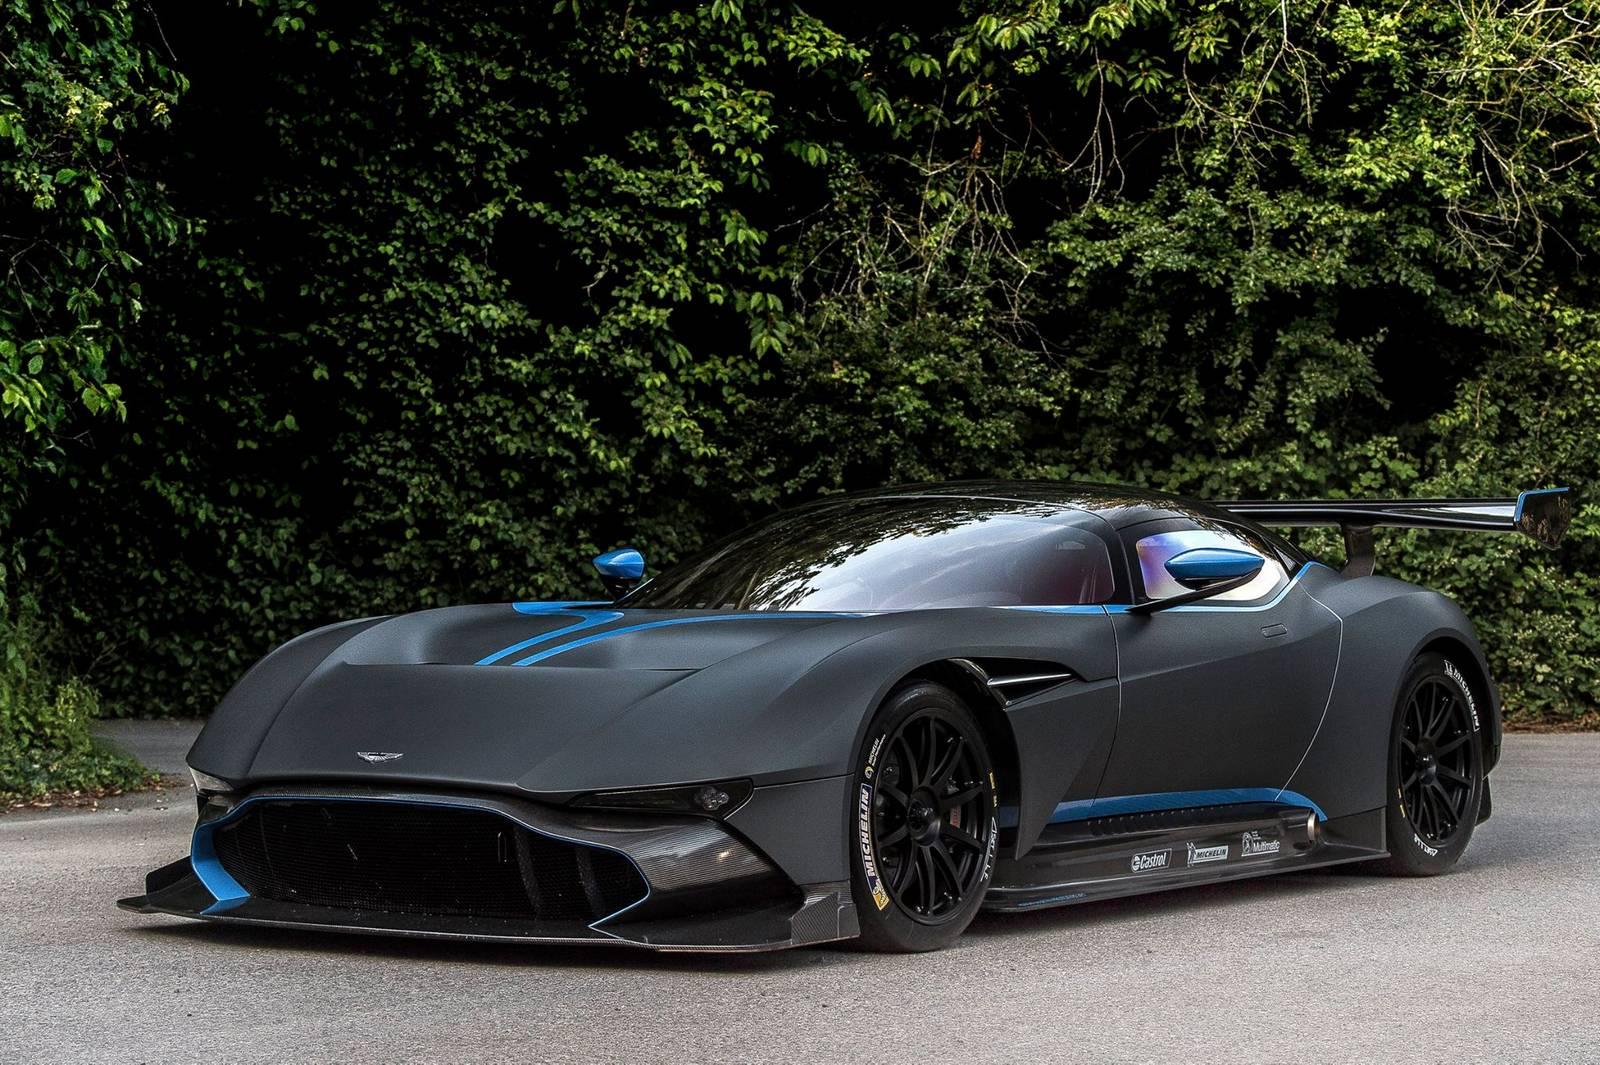 Aston Martin Vulcan Mattschwarz Aston Martin Vulkan Tapete 1600x1065 Wallpapertip